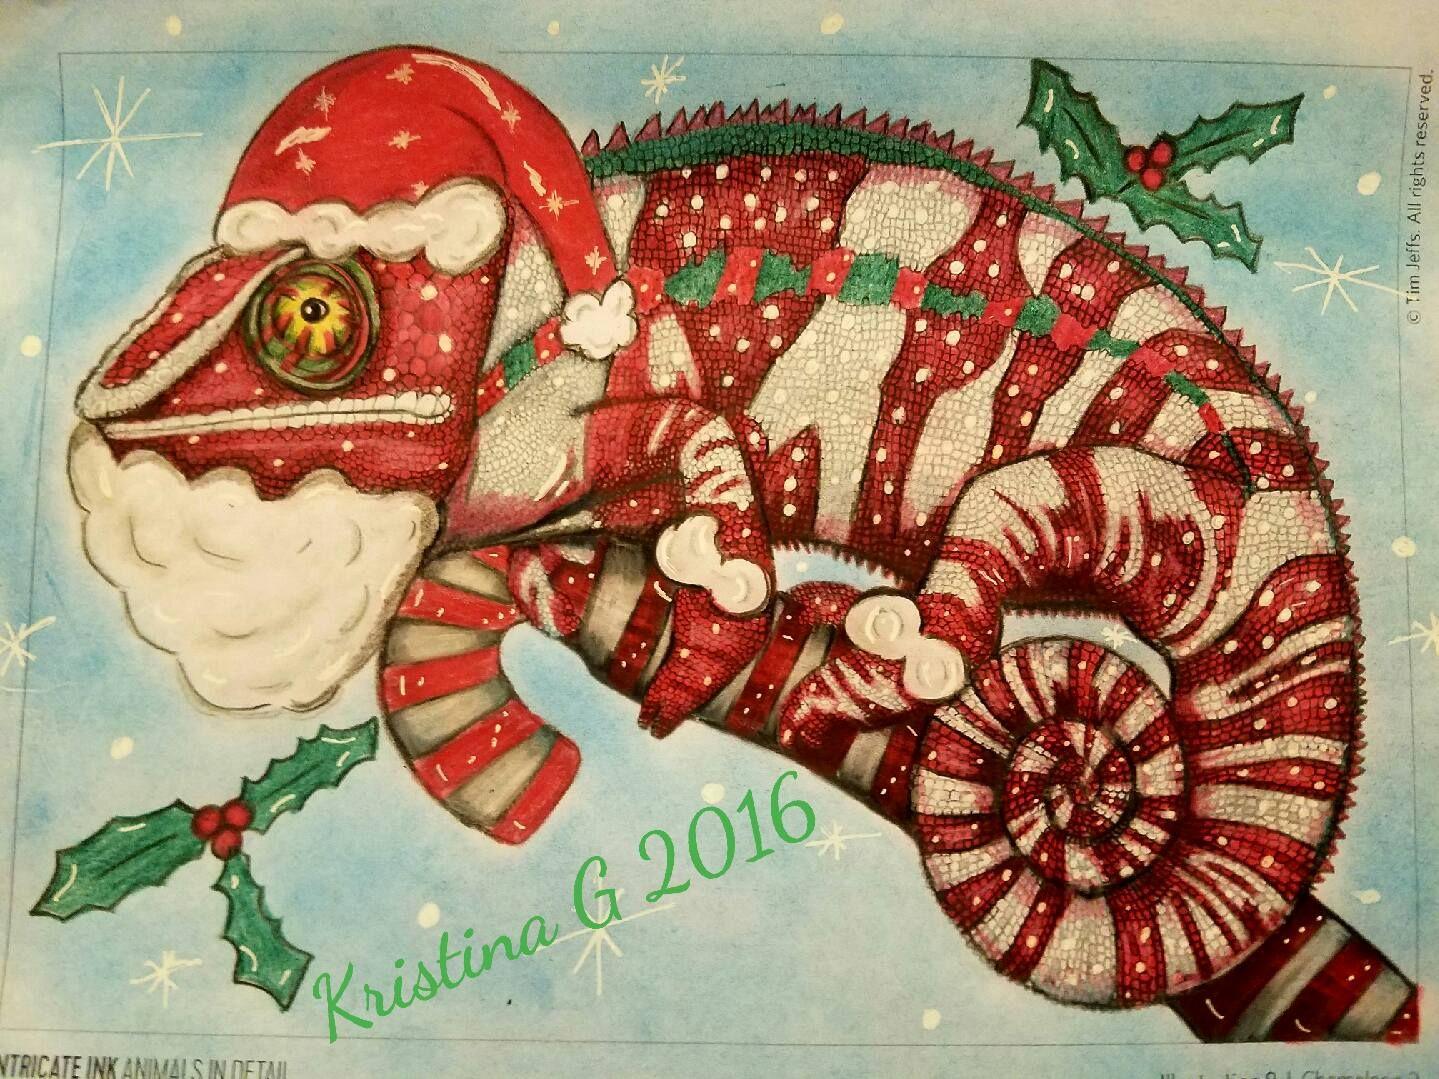 No 19 Kristine Ferrara Grigoli Chameleon